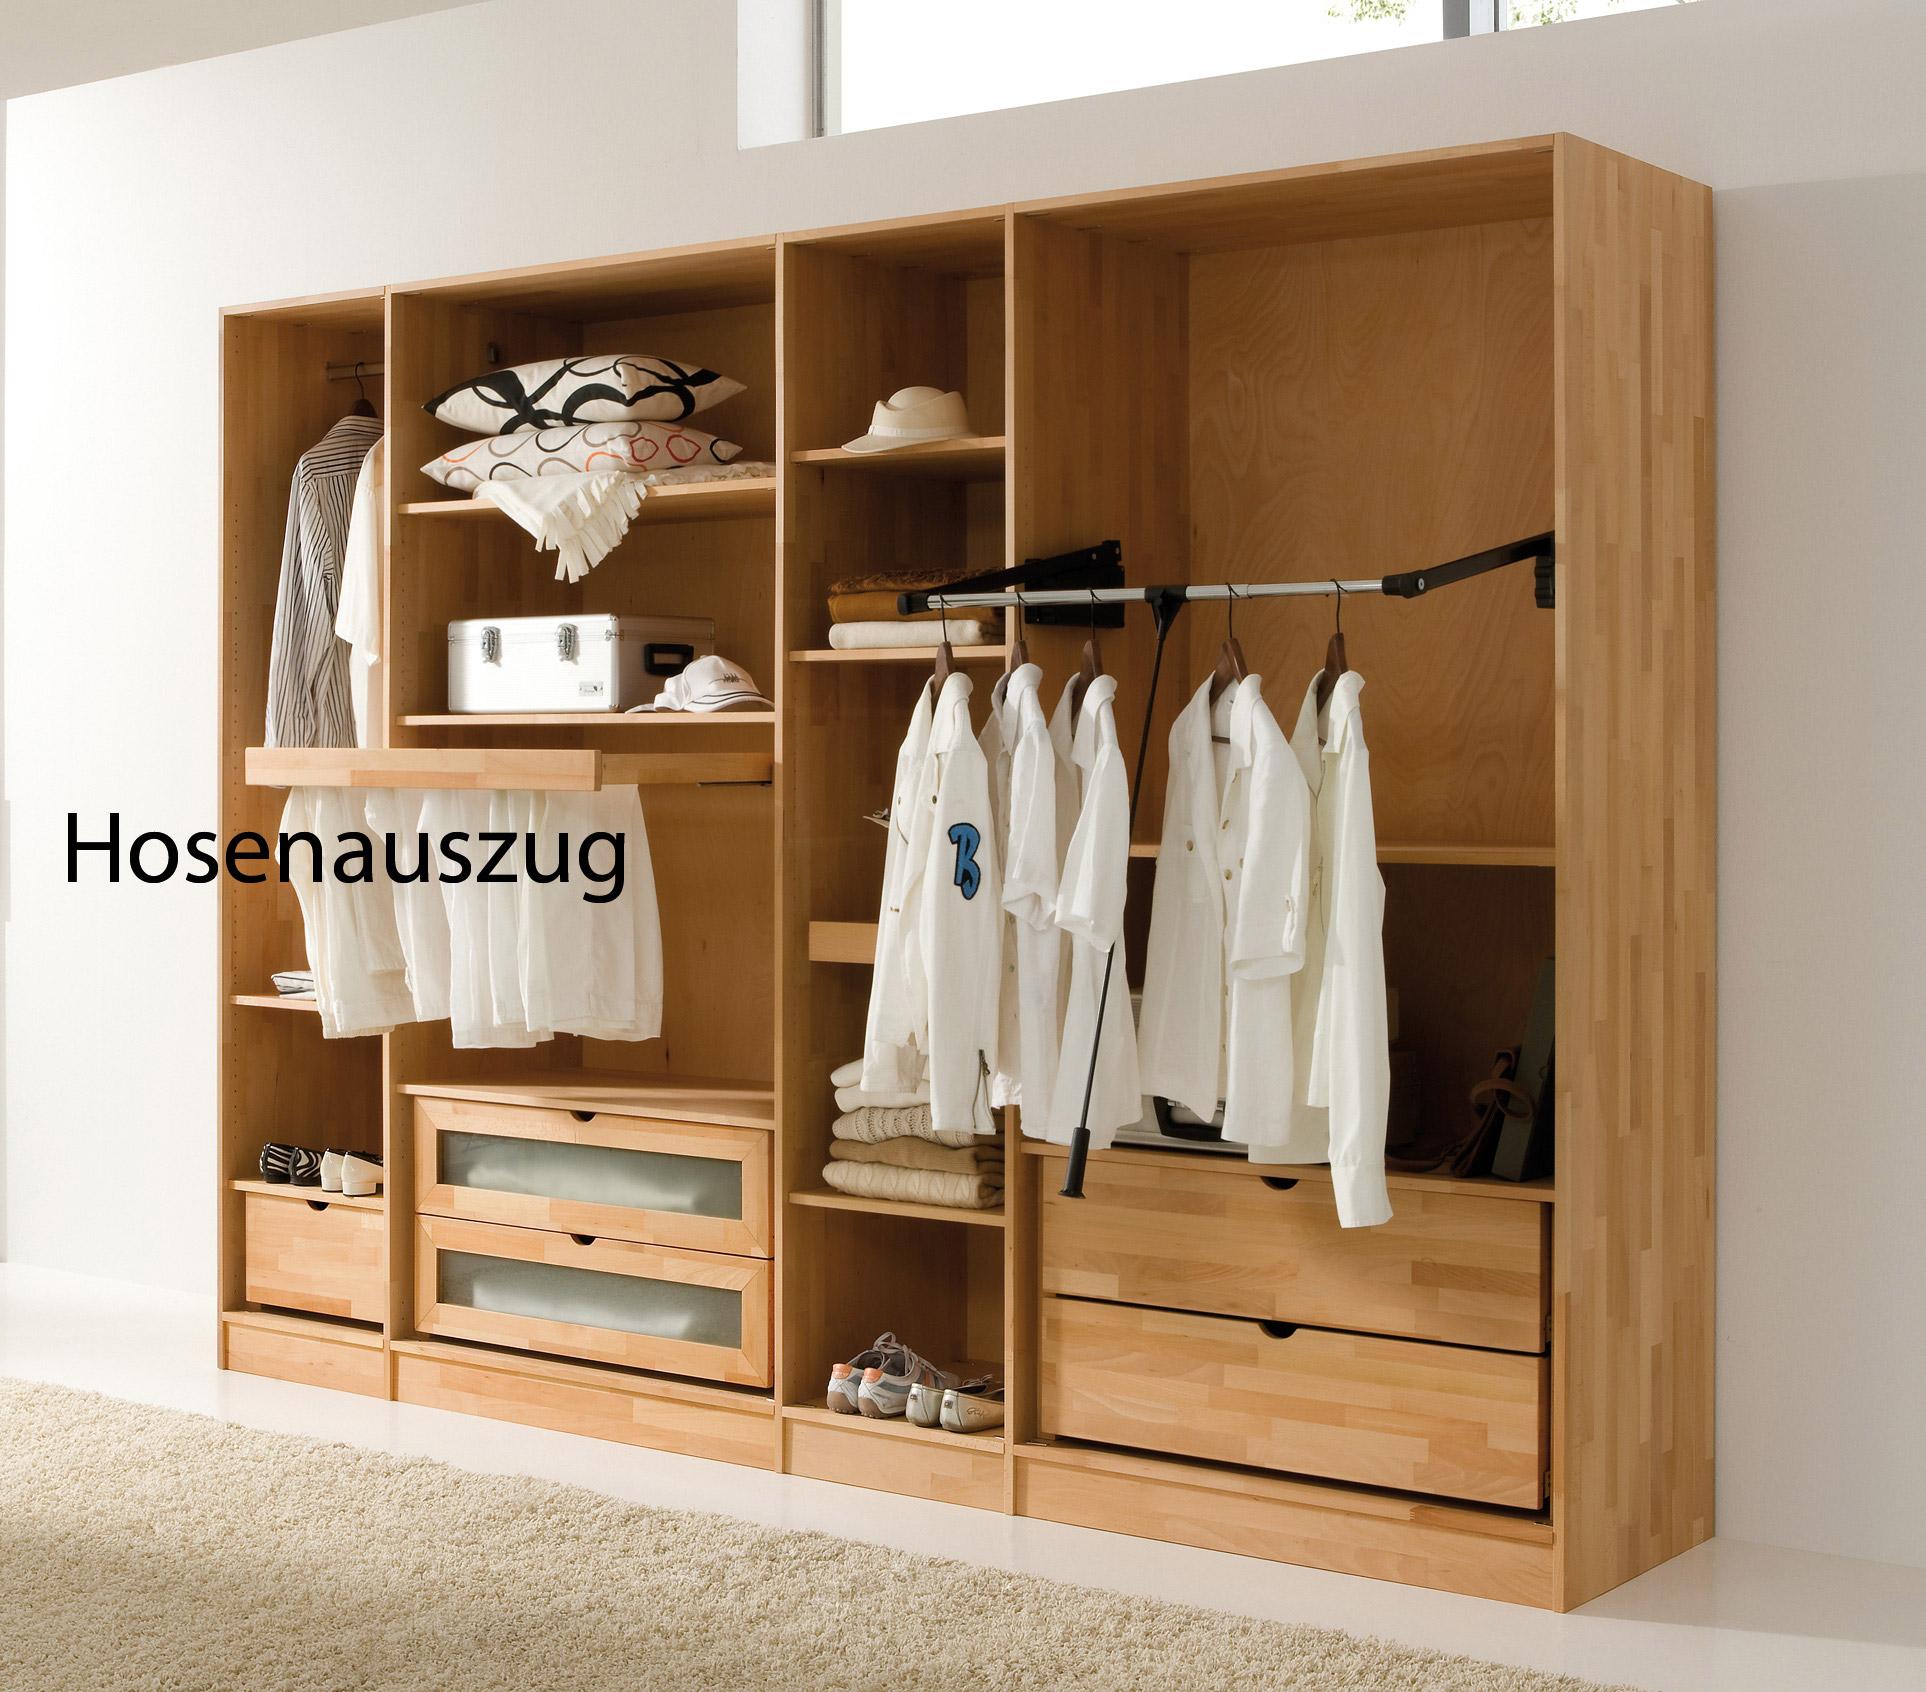 wunderbar hosenauszug f r kleiderschrank ideen die besten einrichtungsideen. Black Bedroom Furniture Sets. Home Design Ideas